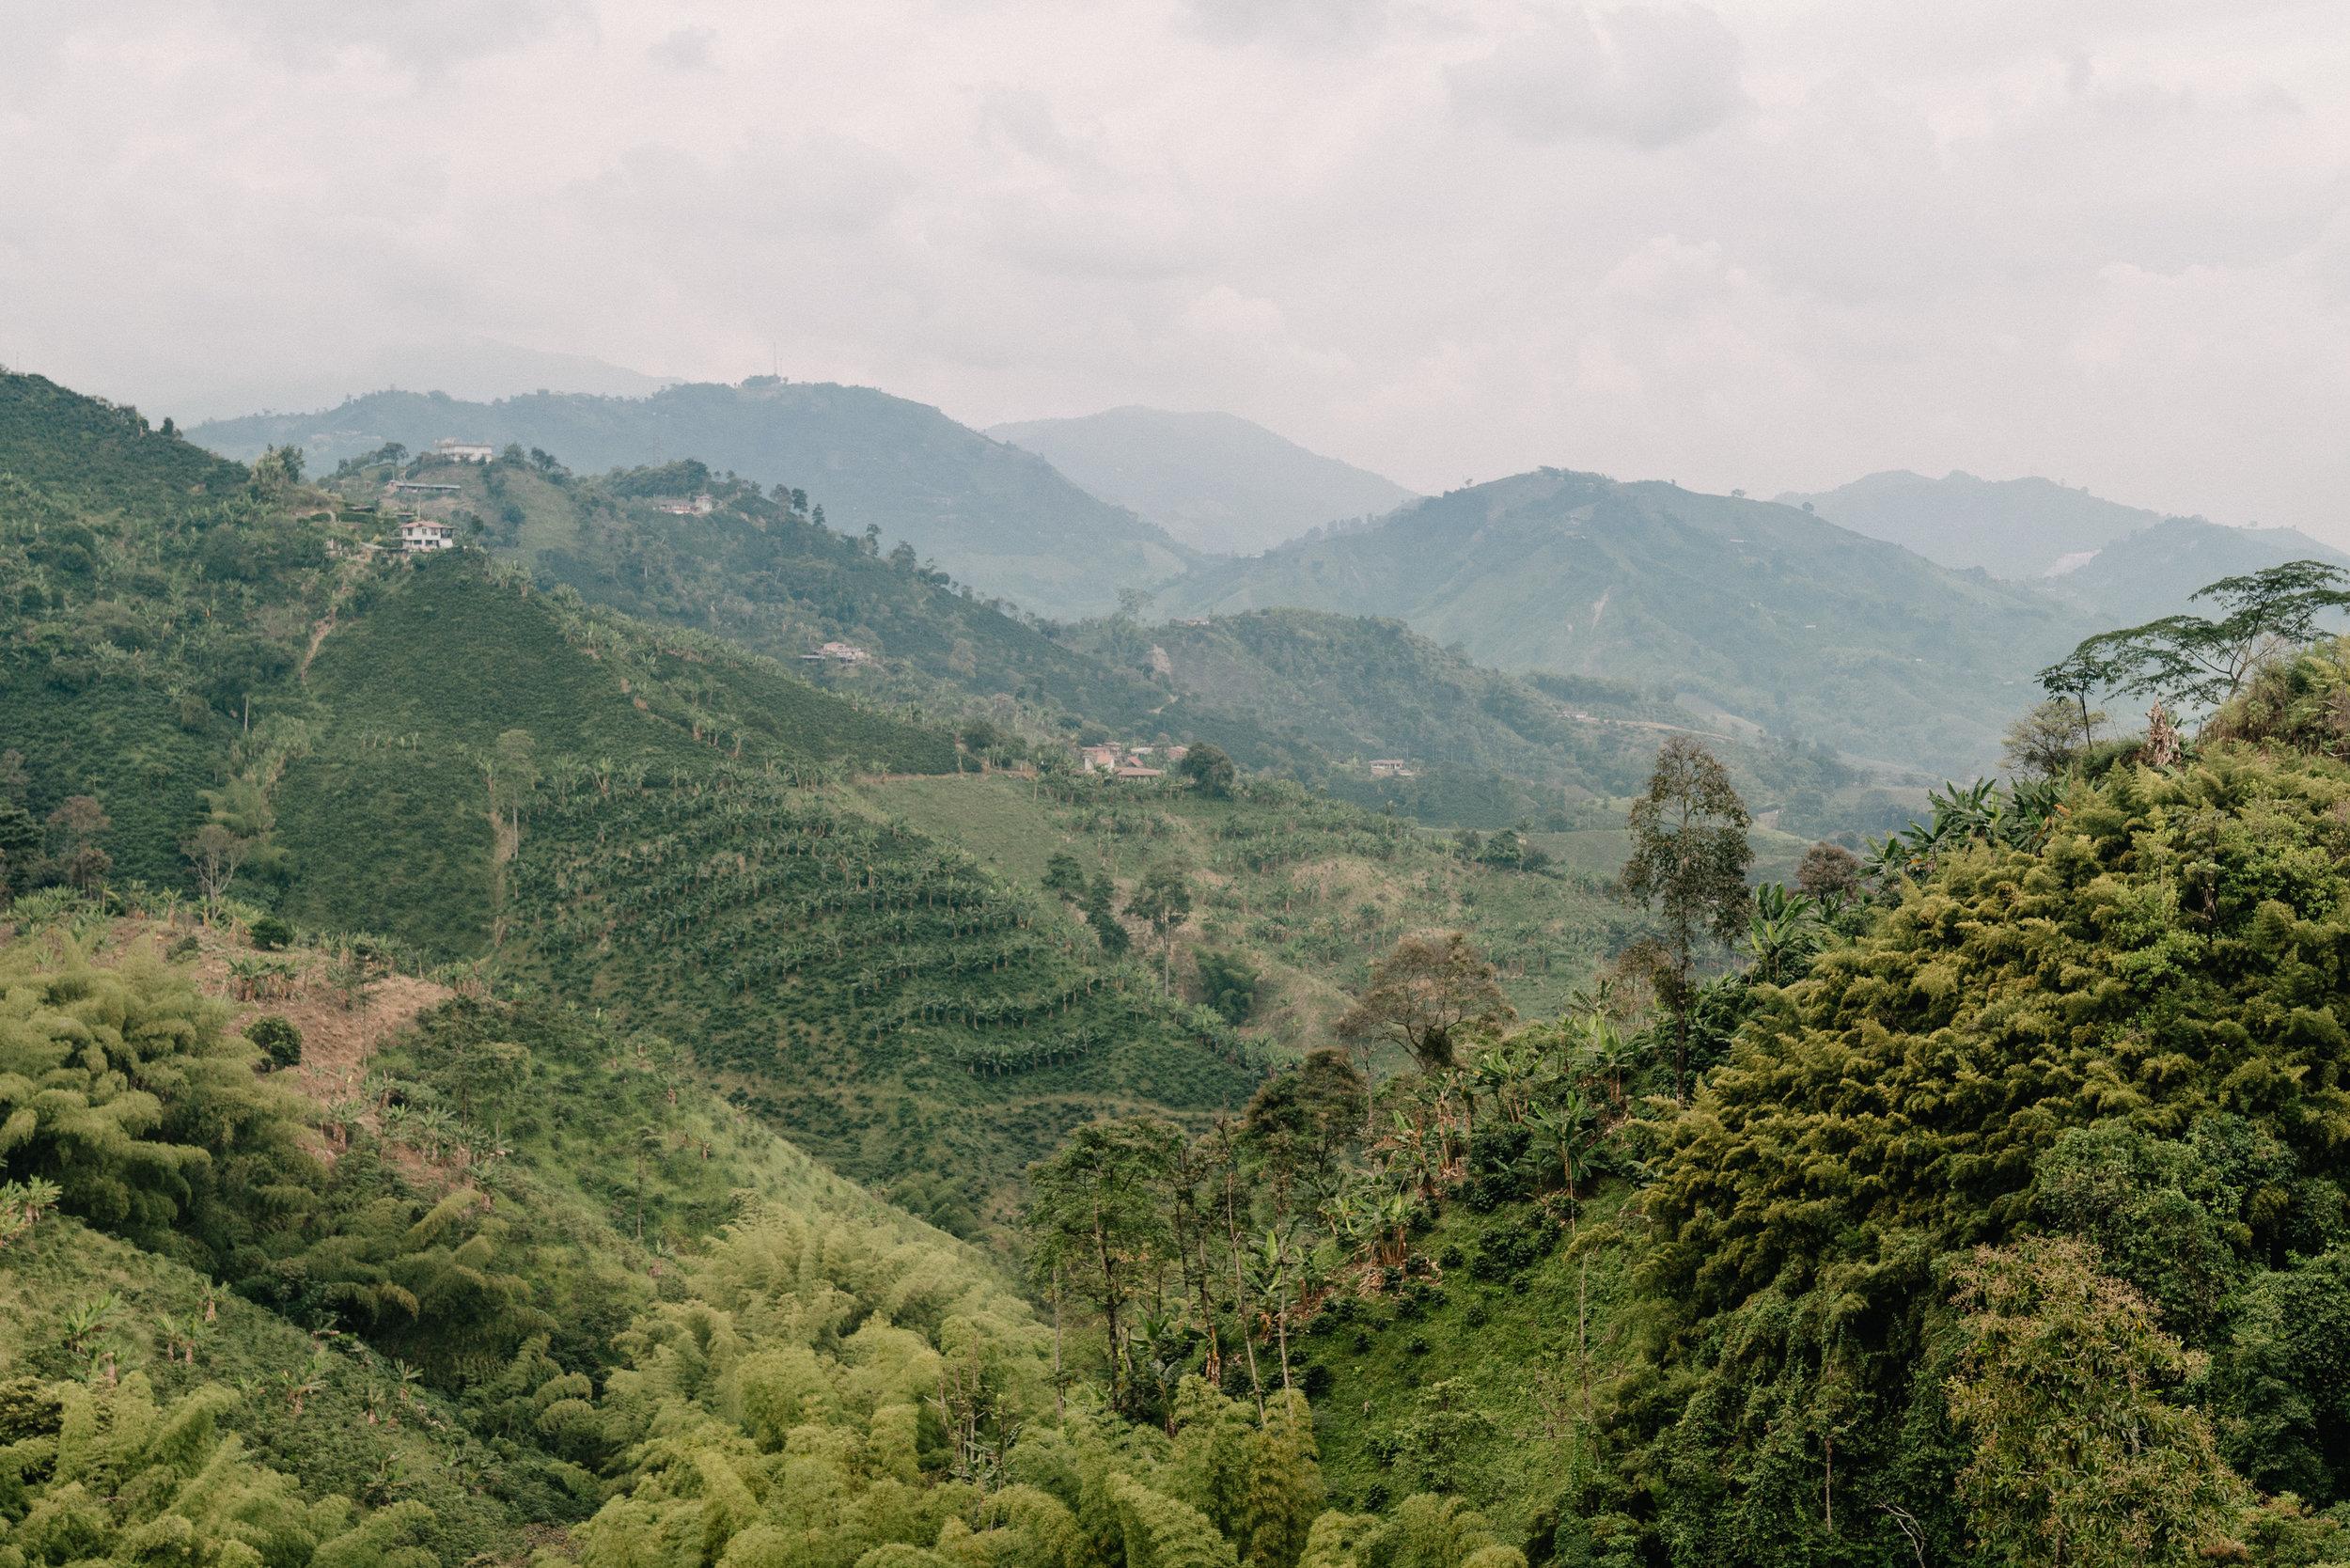 Emanuel-Hahn-Colombia-Coffee-Farmers-Huila-Manizales-Pagpropina-1.jpg